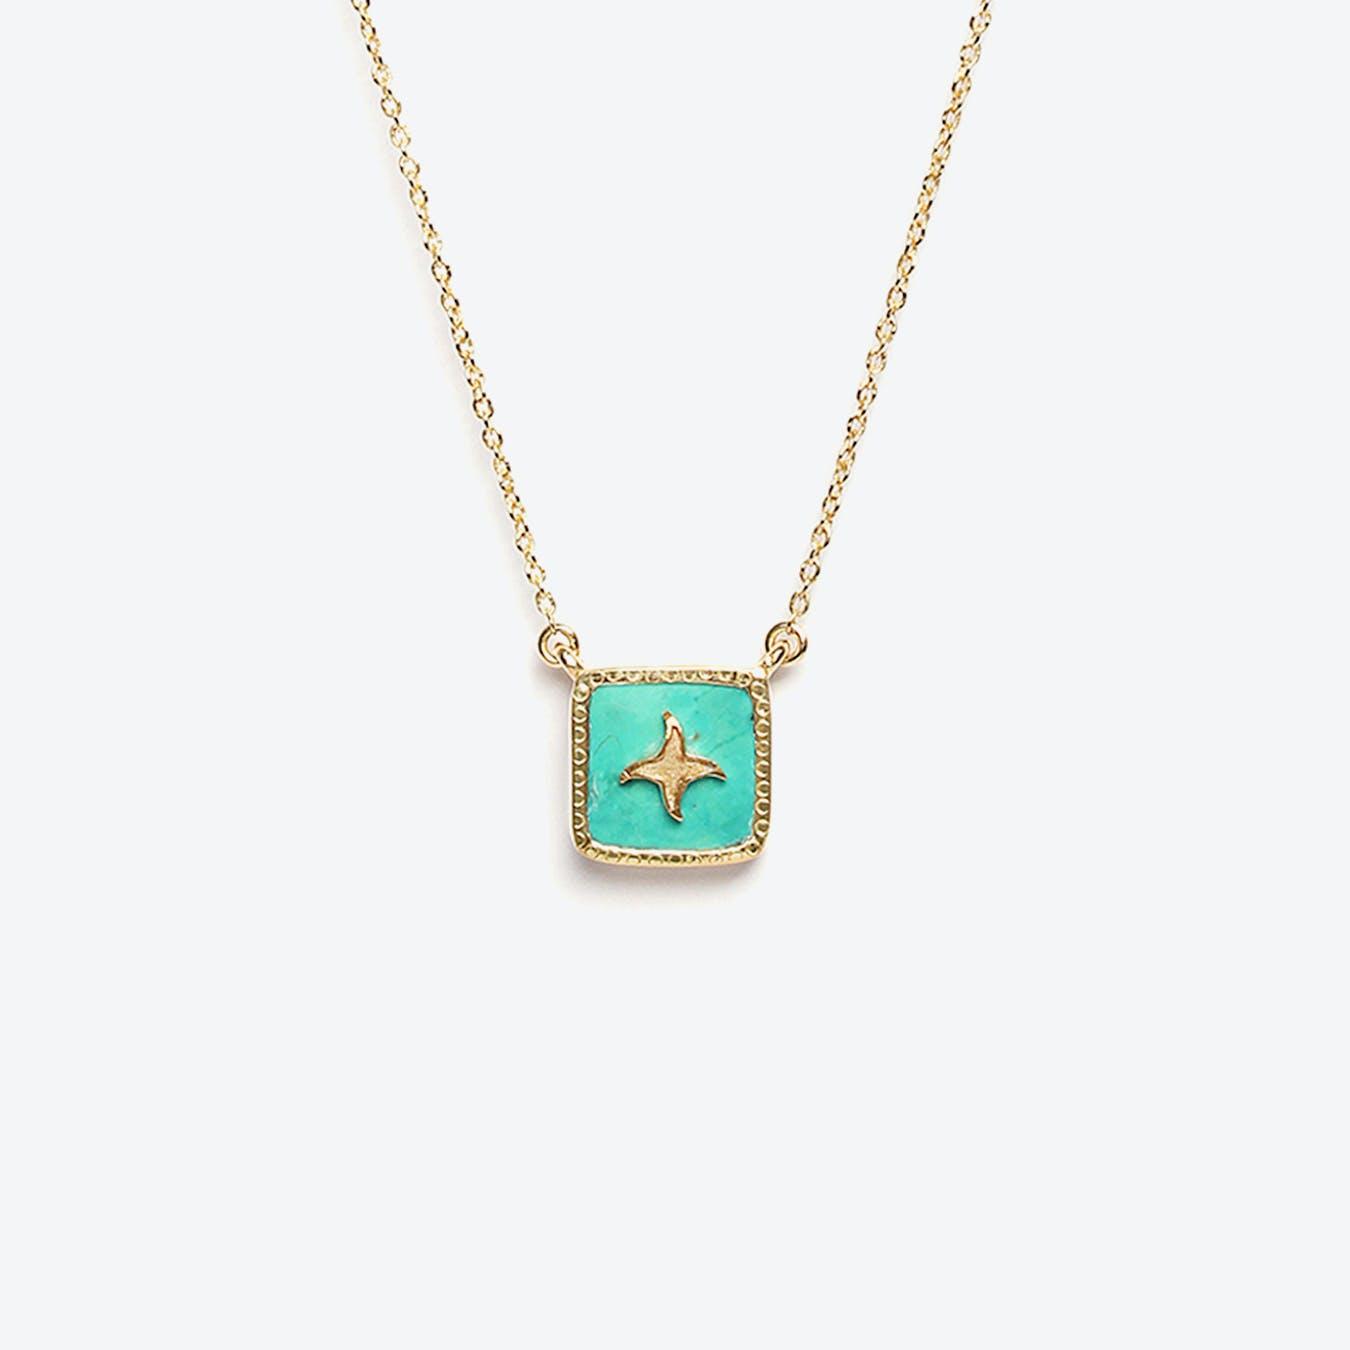 Meruba Necklace - Turquoise